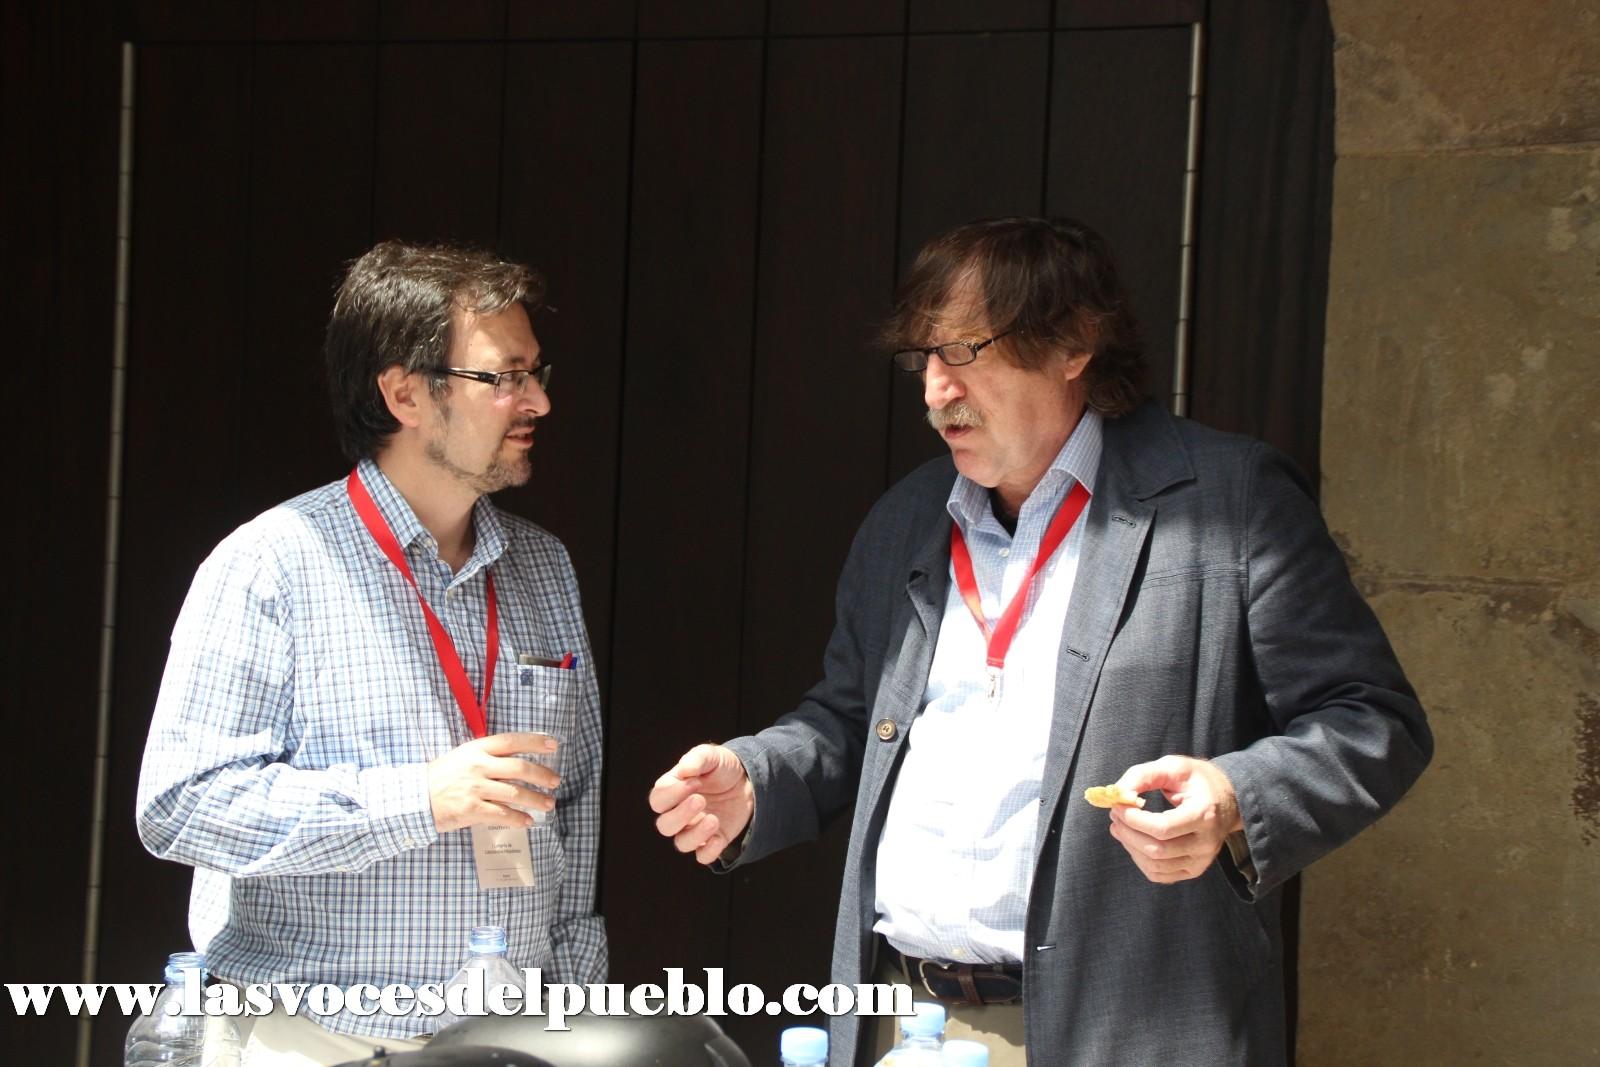 las voces del pueblo_I Congreso de Somatemps_Ripoll_Gerona (102)